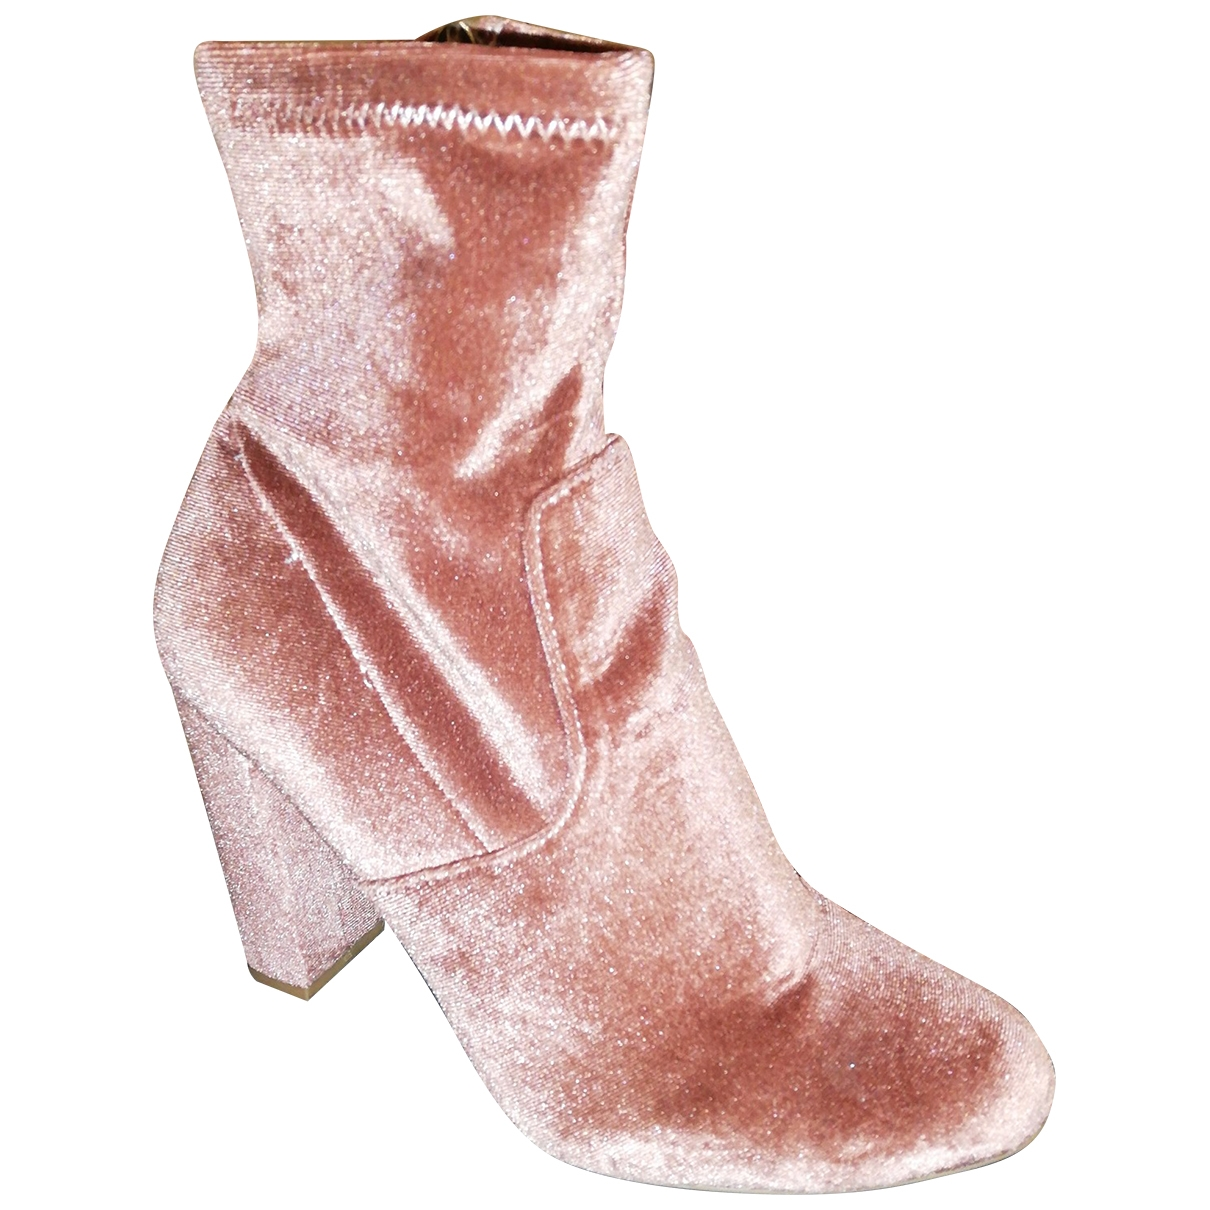 Steve Madden - Boots   pour femme en velours - rose